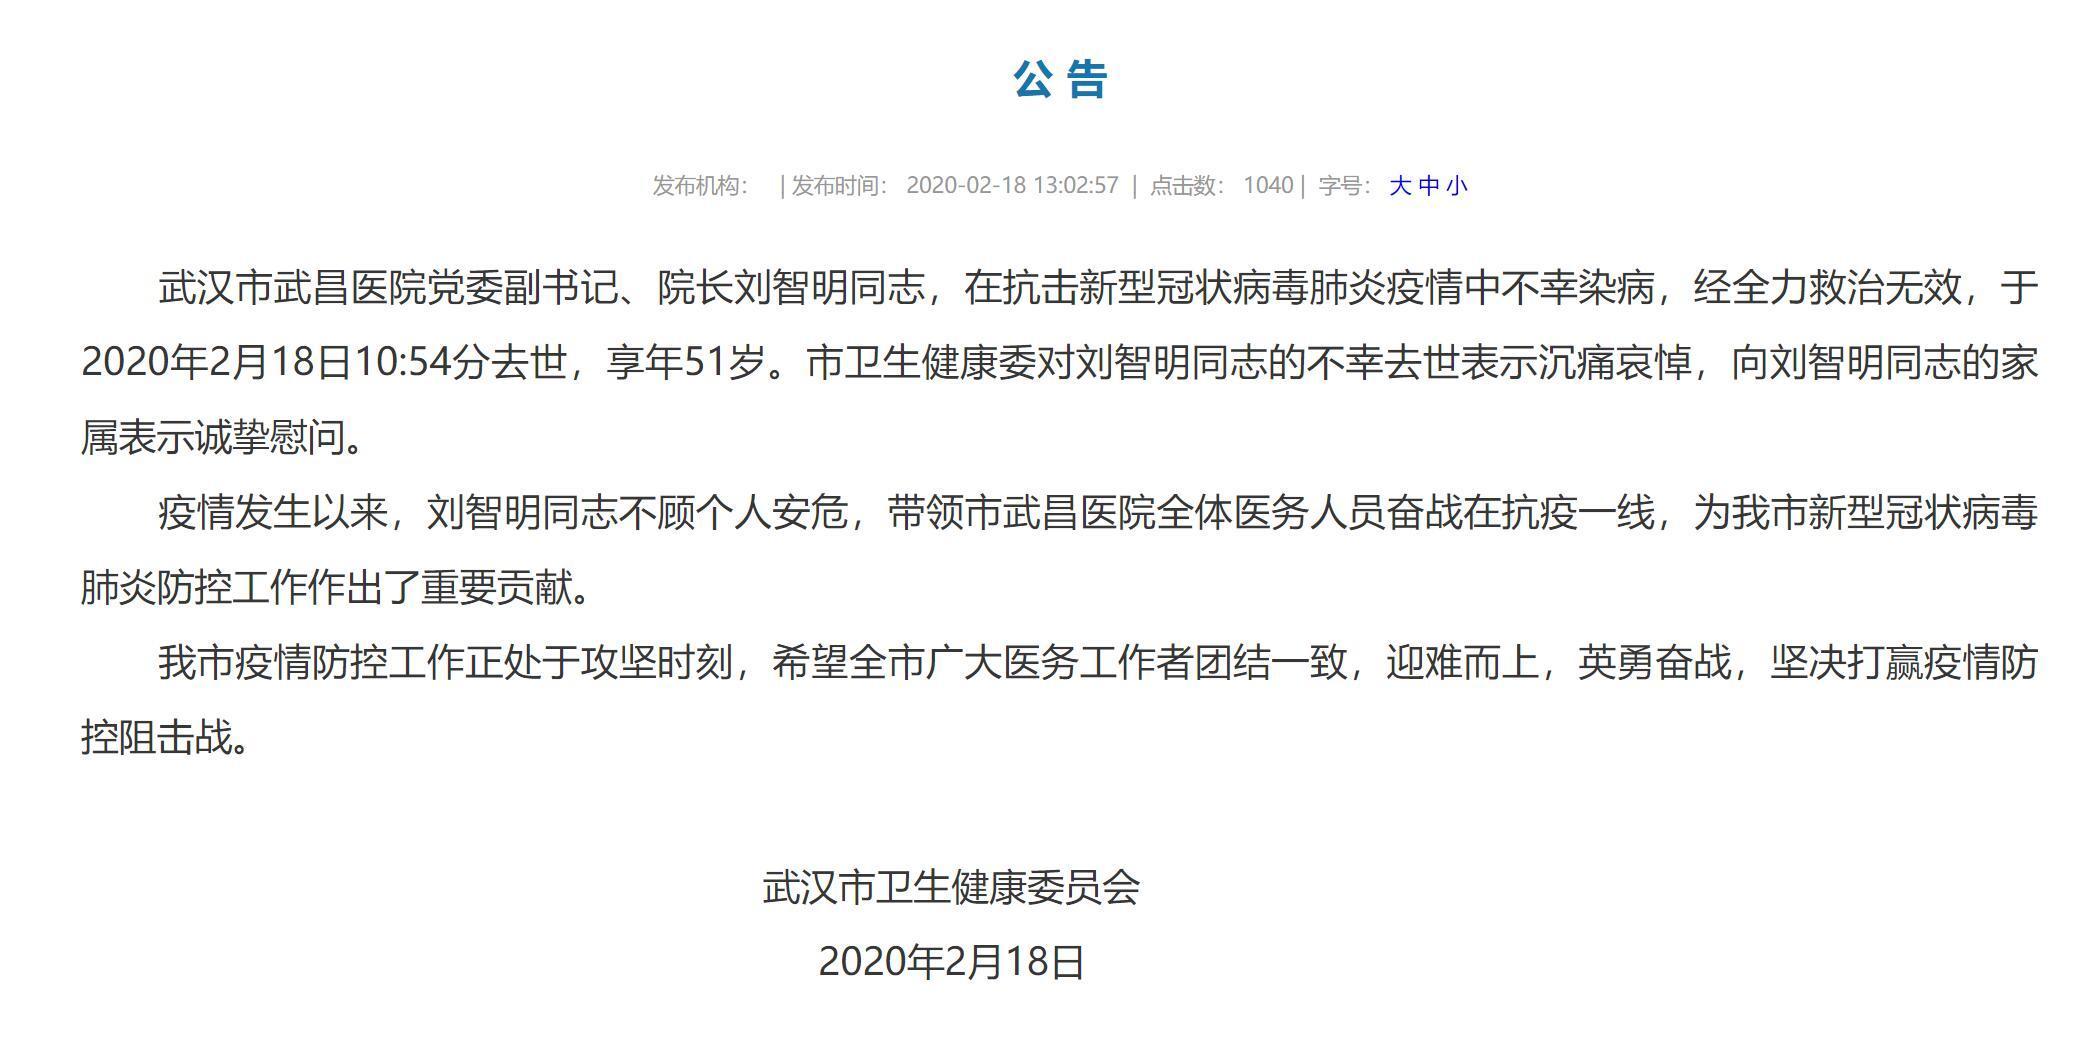 武汉市卫健委 :沉痛哀悼刘智明院长